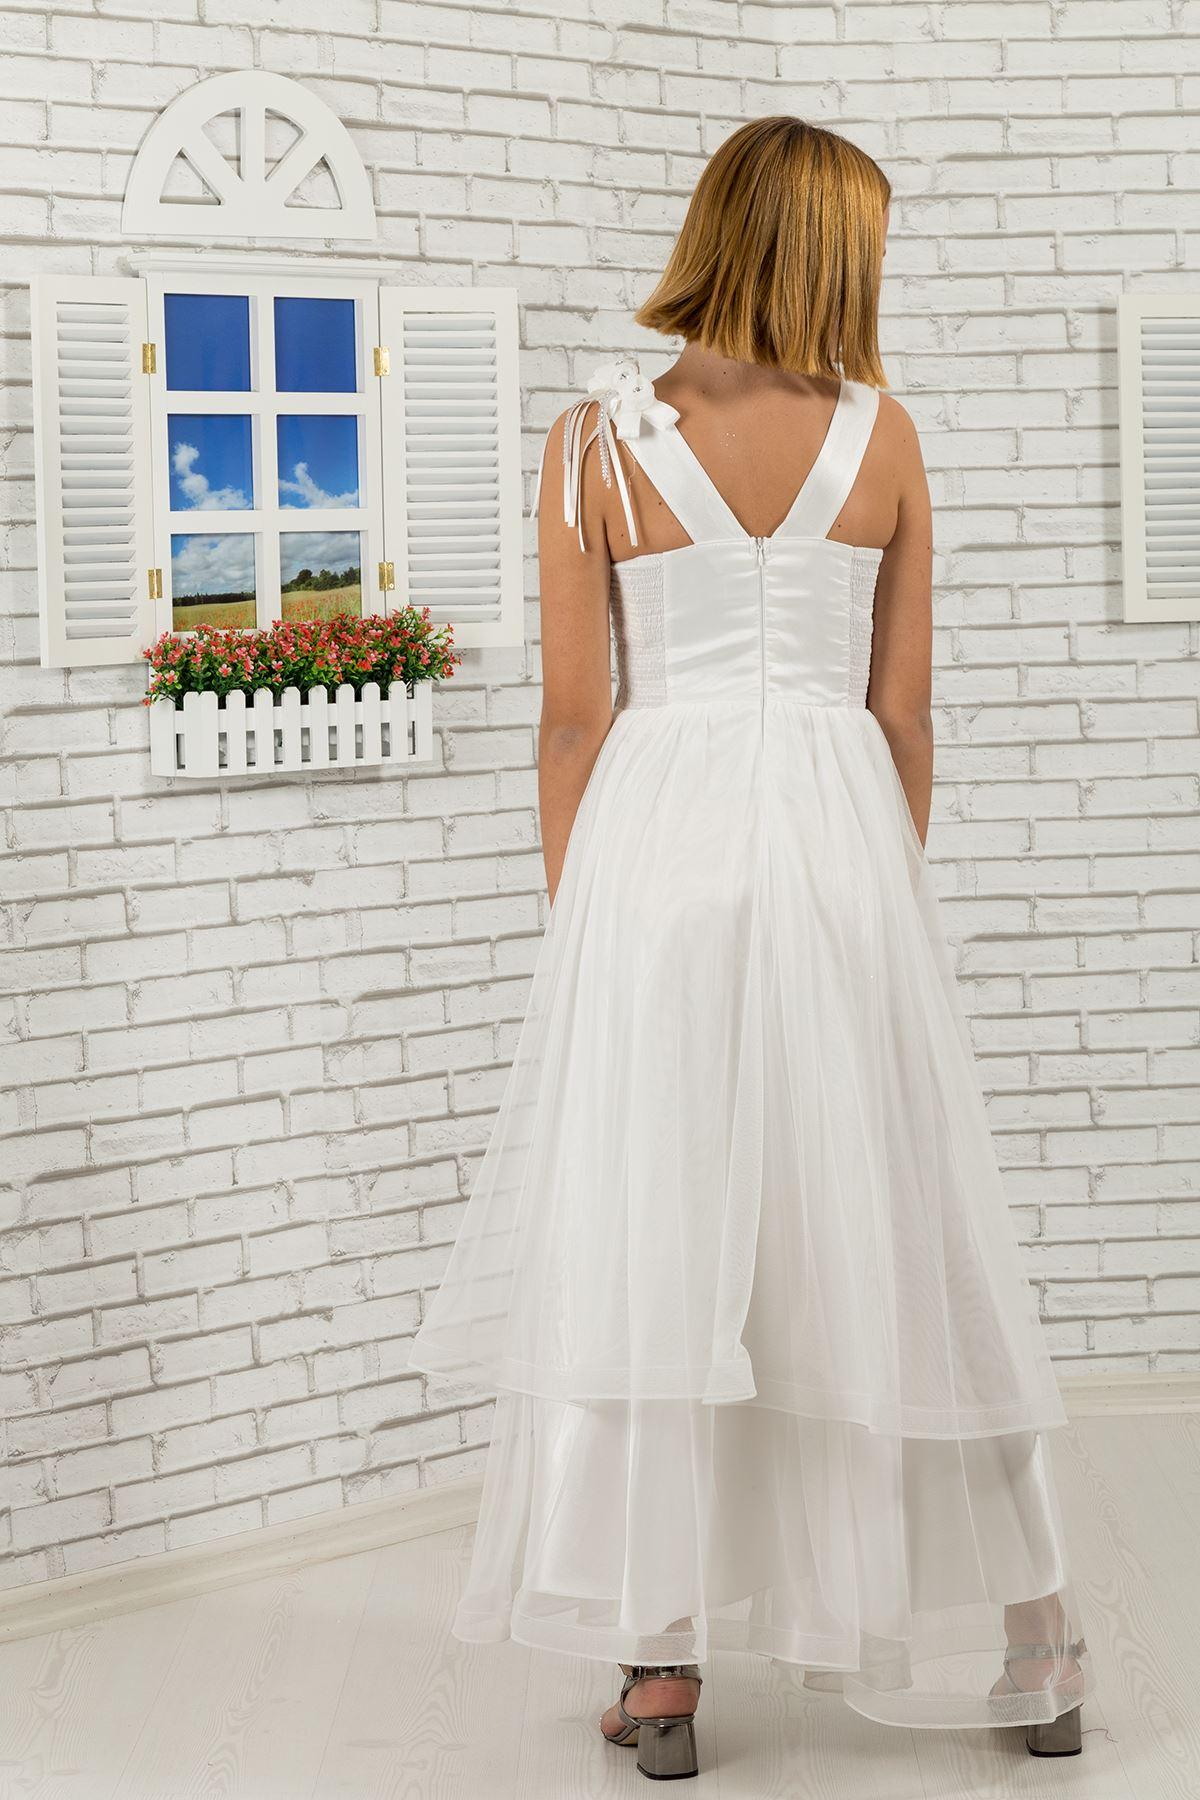 ボディスパンコール、肩と腰の花詳細な、床層チュールの女の子の子供のイブニングドレス465クリーム